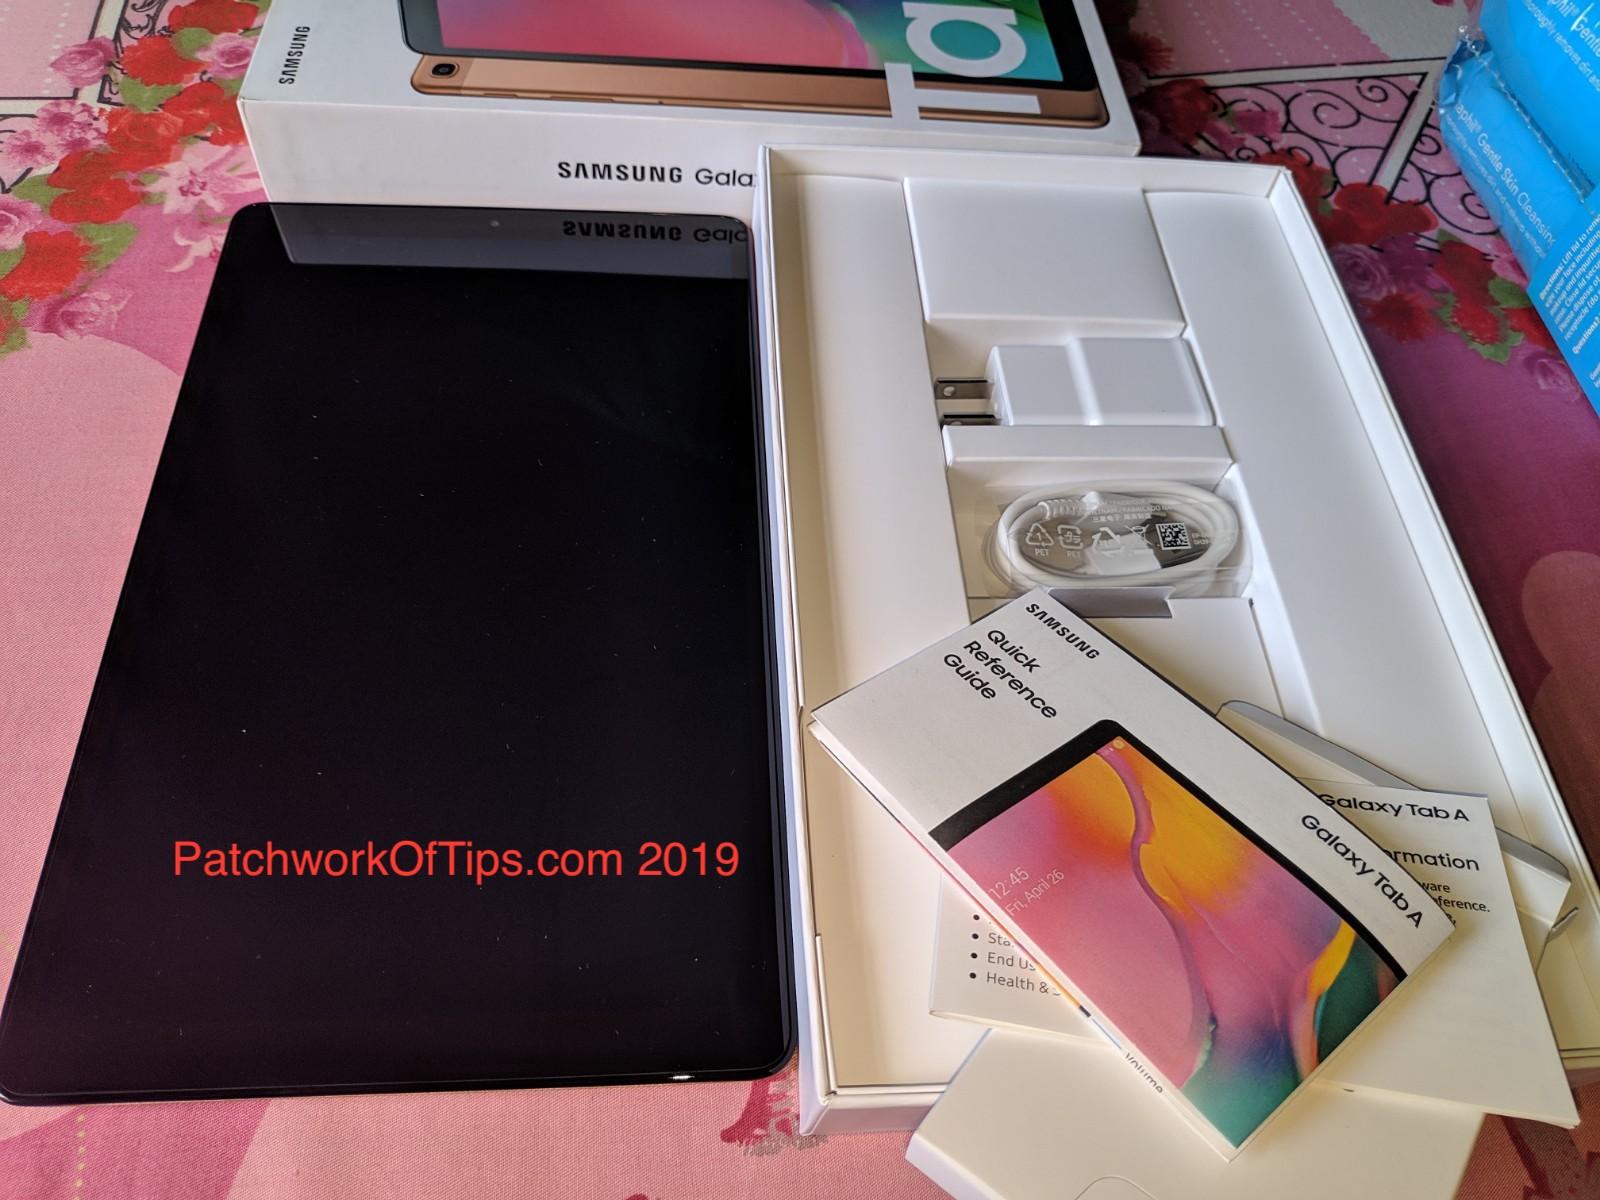 Samsung Galaxy Tab A 10.1 21019 Unboxed